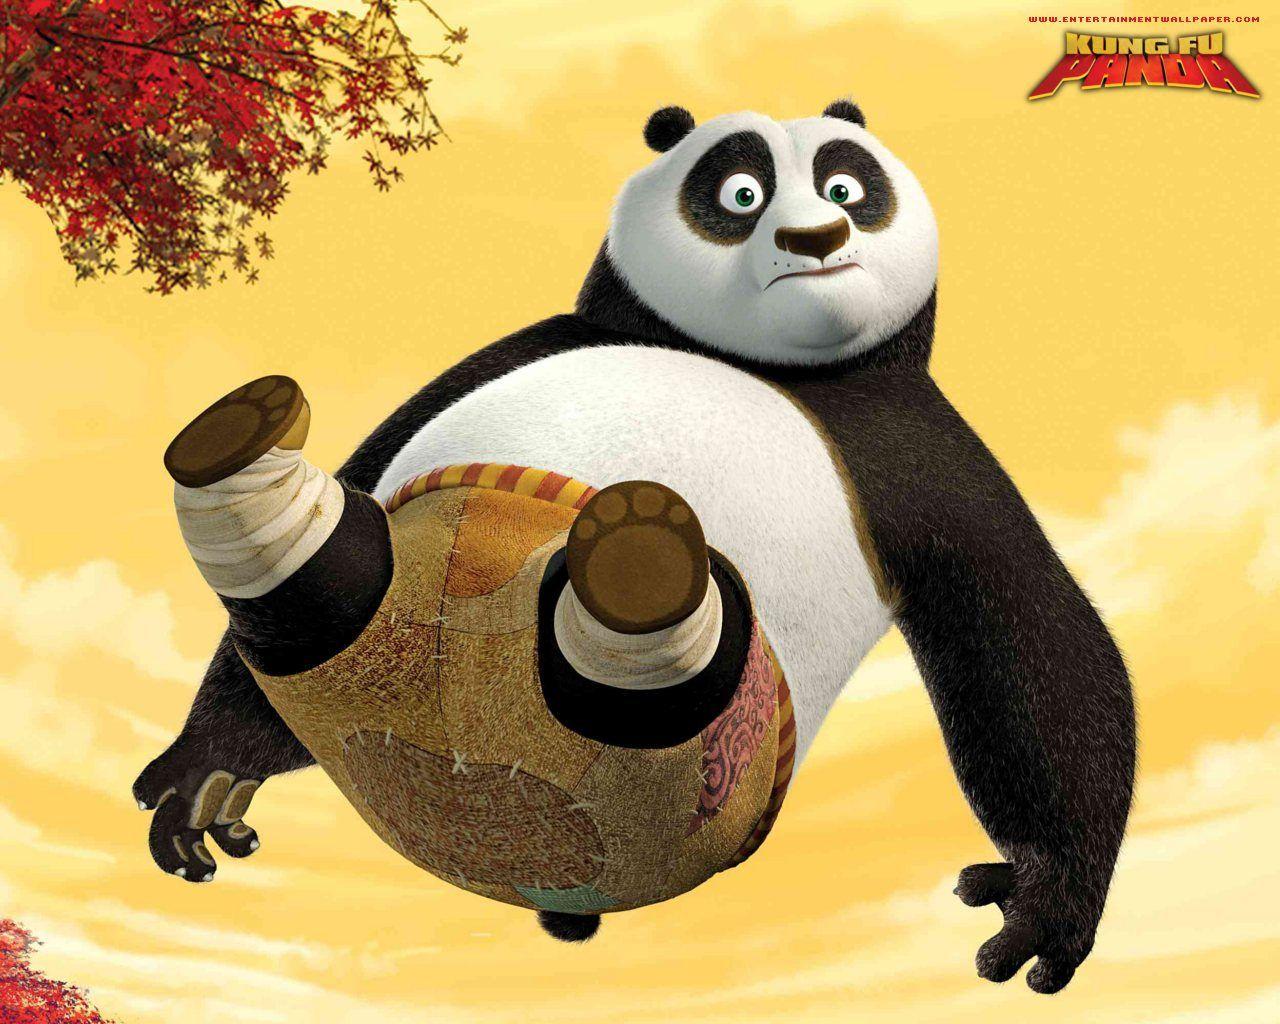 kung fu panda piss they potty